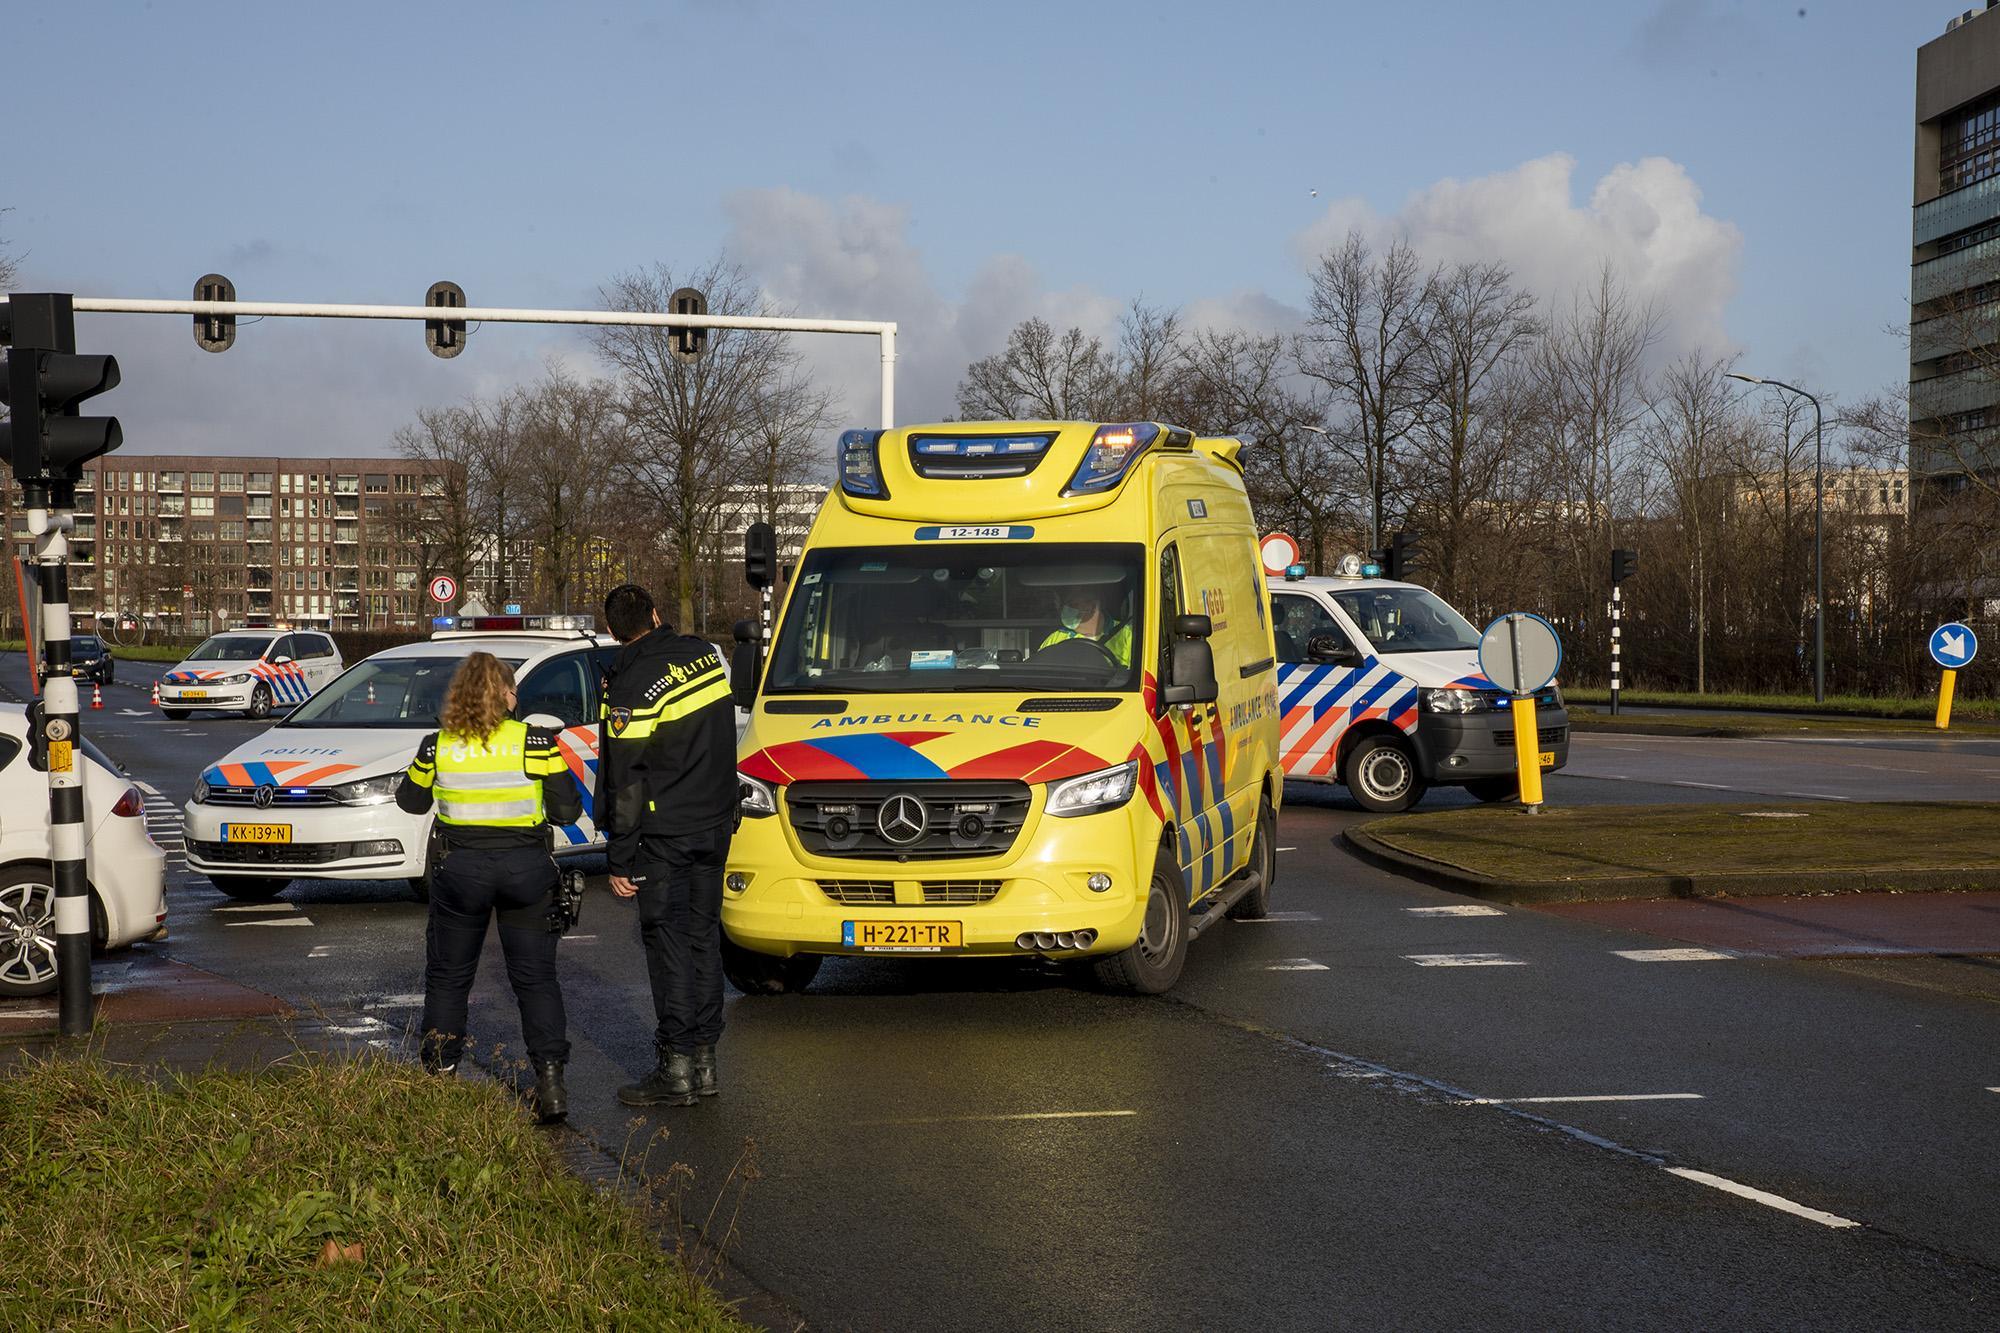 Vrouw gewond bij aanrijding met auto in Haarlem